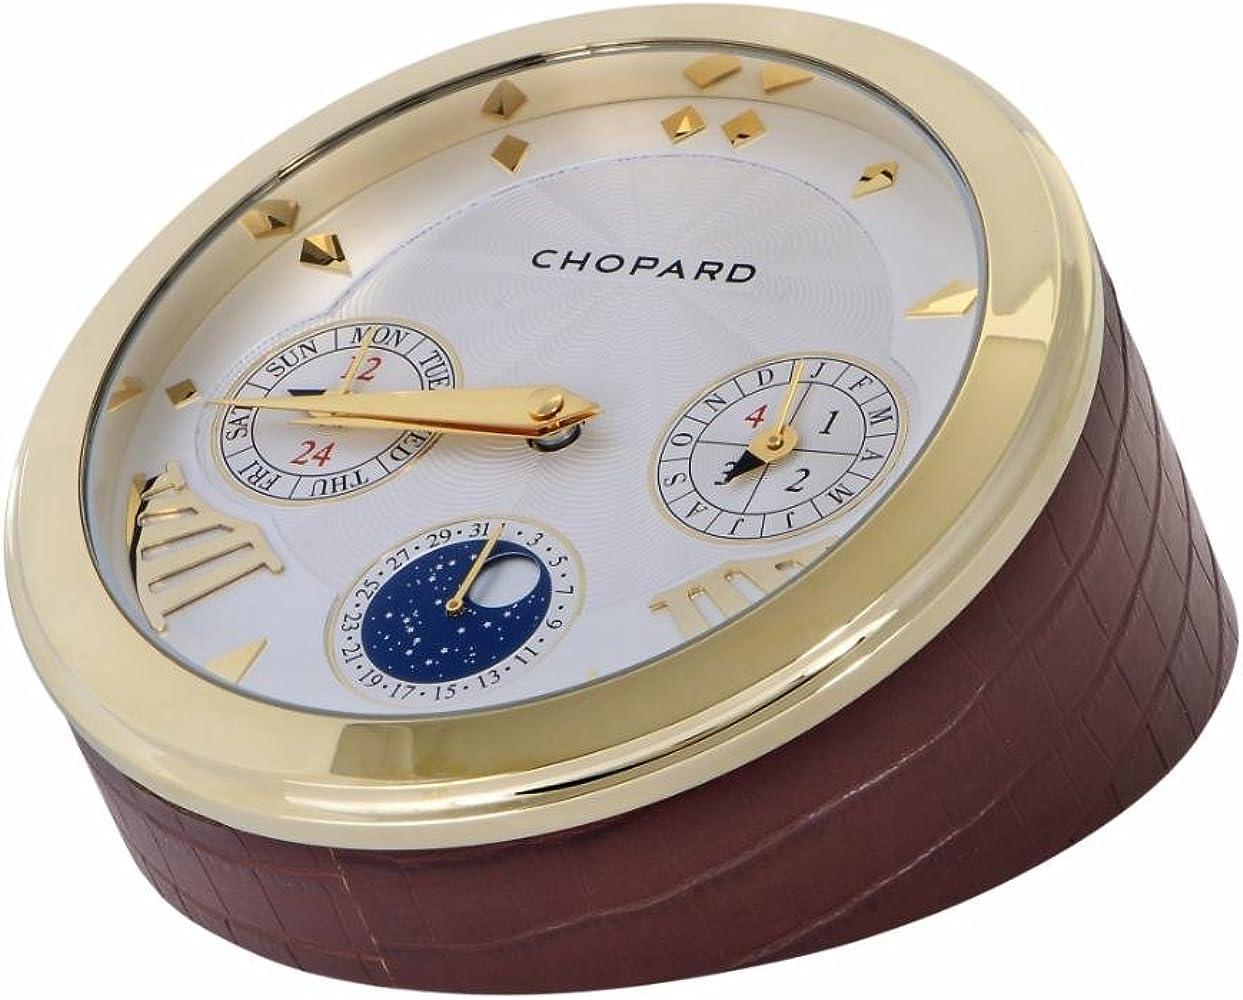 Chopard Mesa Relojes Cuarzo Mens Reloj 95020 – 0044 (Certificado ...